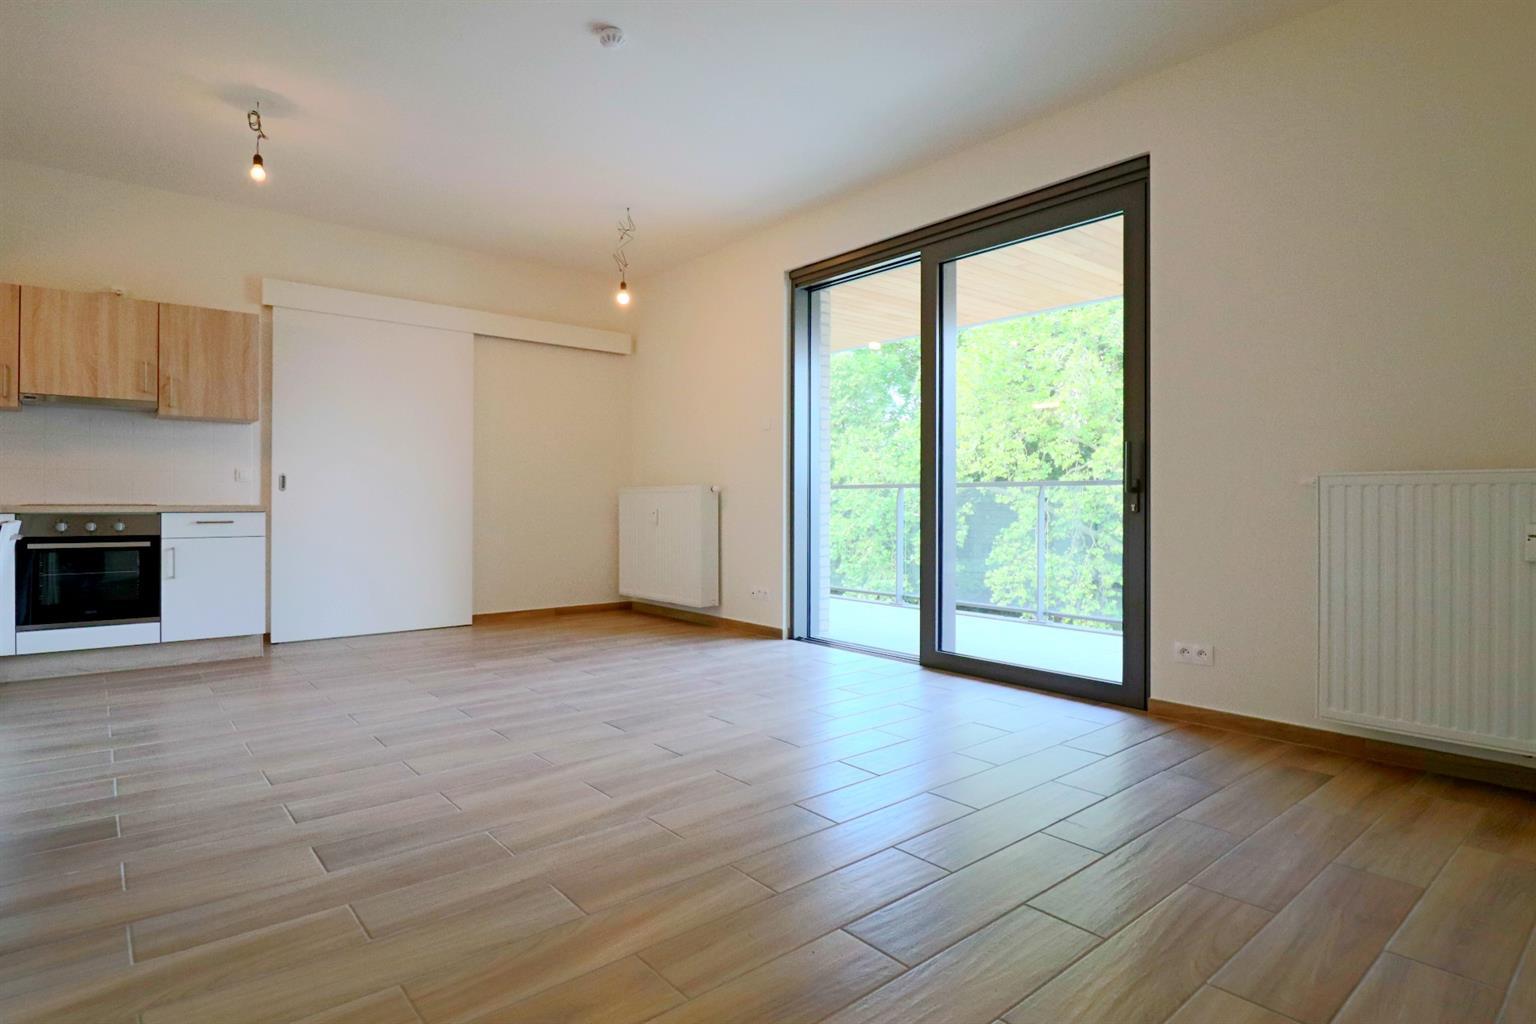 Appartement - Ottignies-Louvain-la-Neuve - #4406879-3